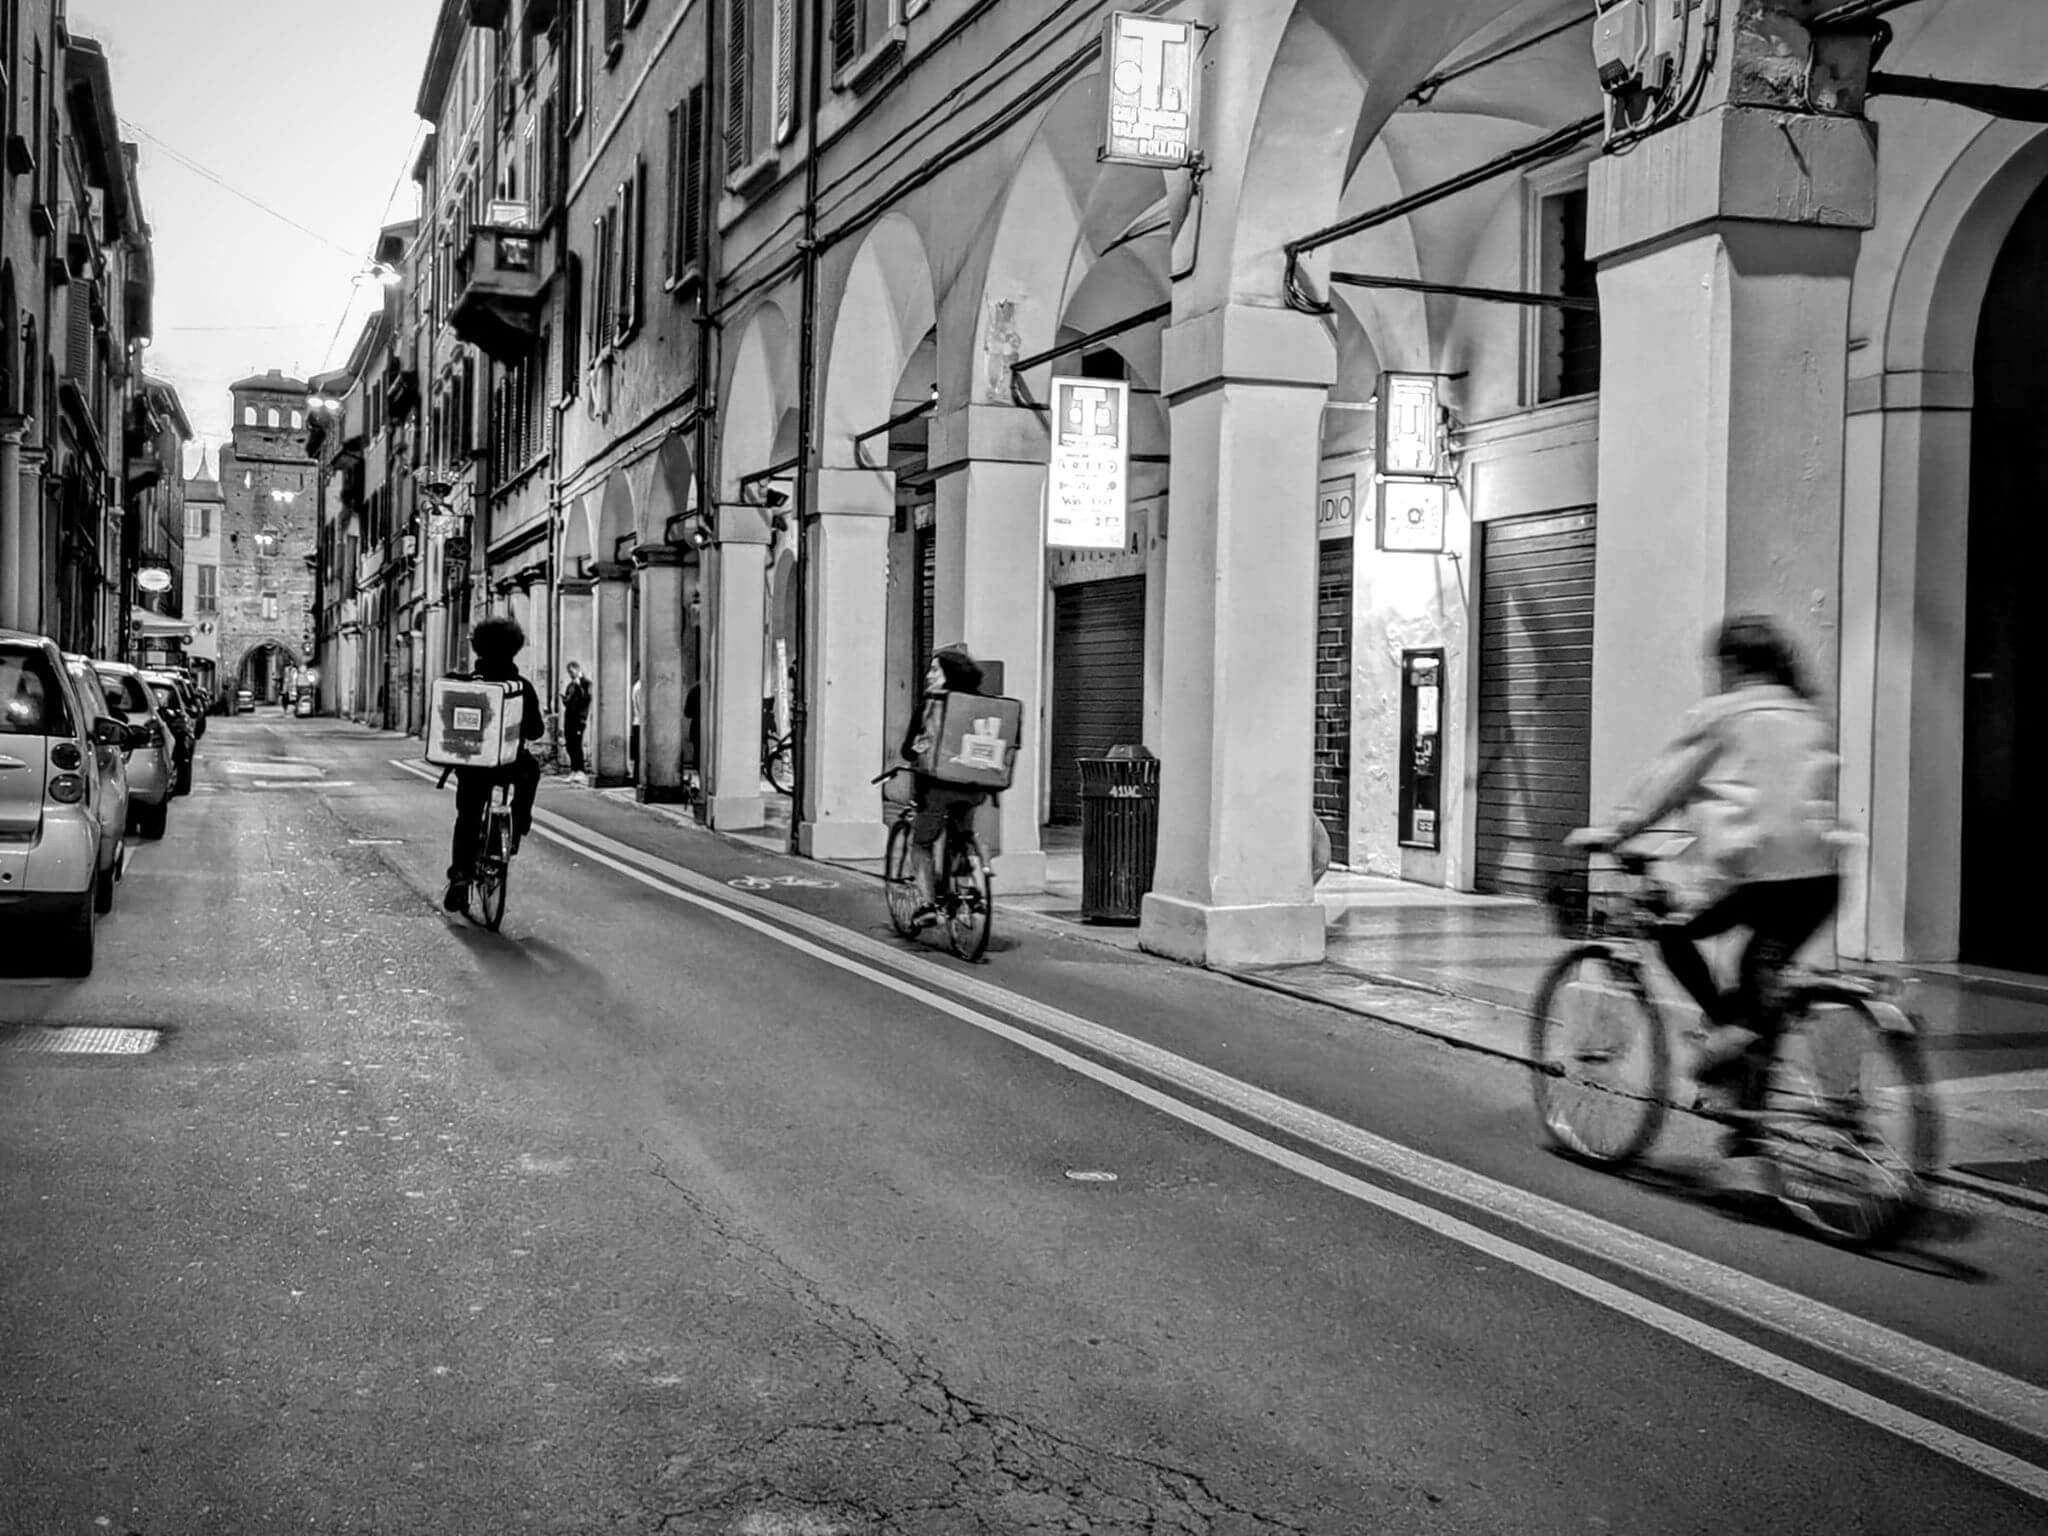 A fine mese l'avvento del primo lockdown: strade deserte e solo decine di rider che girano per la città. Foto di Margherita Scarano